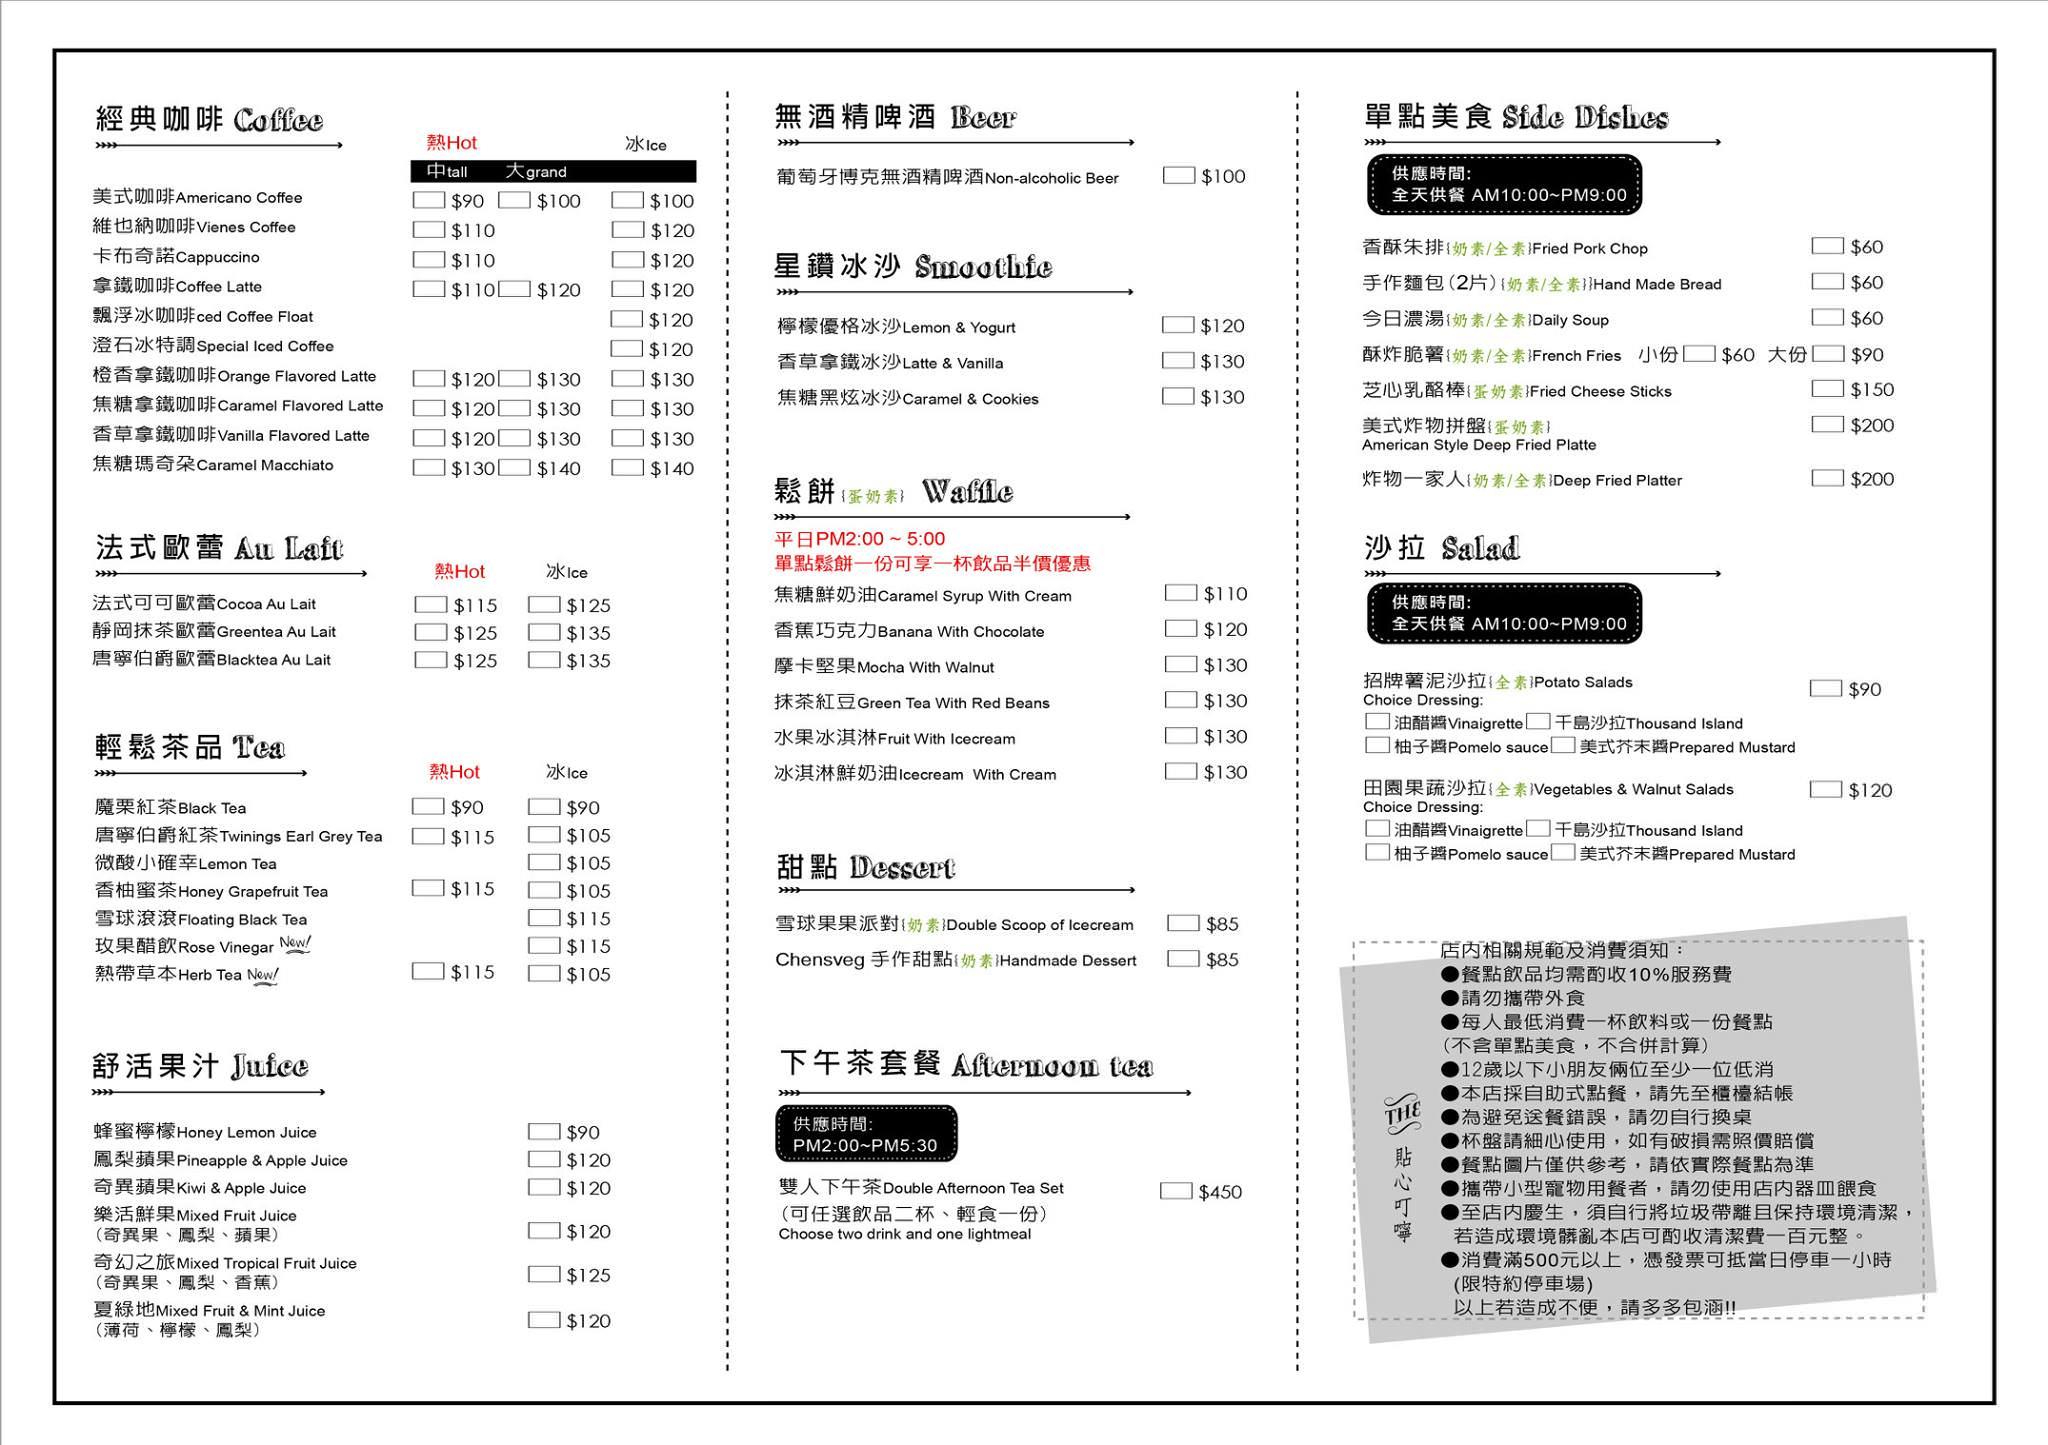 20190506201657 23 - 蔬食愛好者可以歡聚的時尚咖啡館,澄石咖啡蔬食廚坊,沒有肉一樣開心吃~